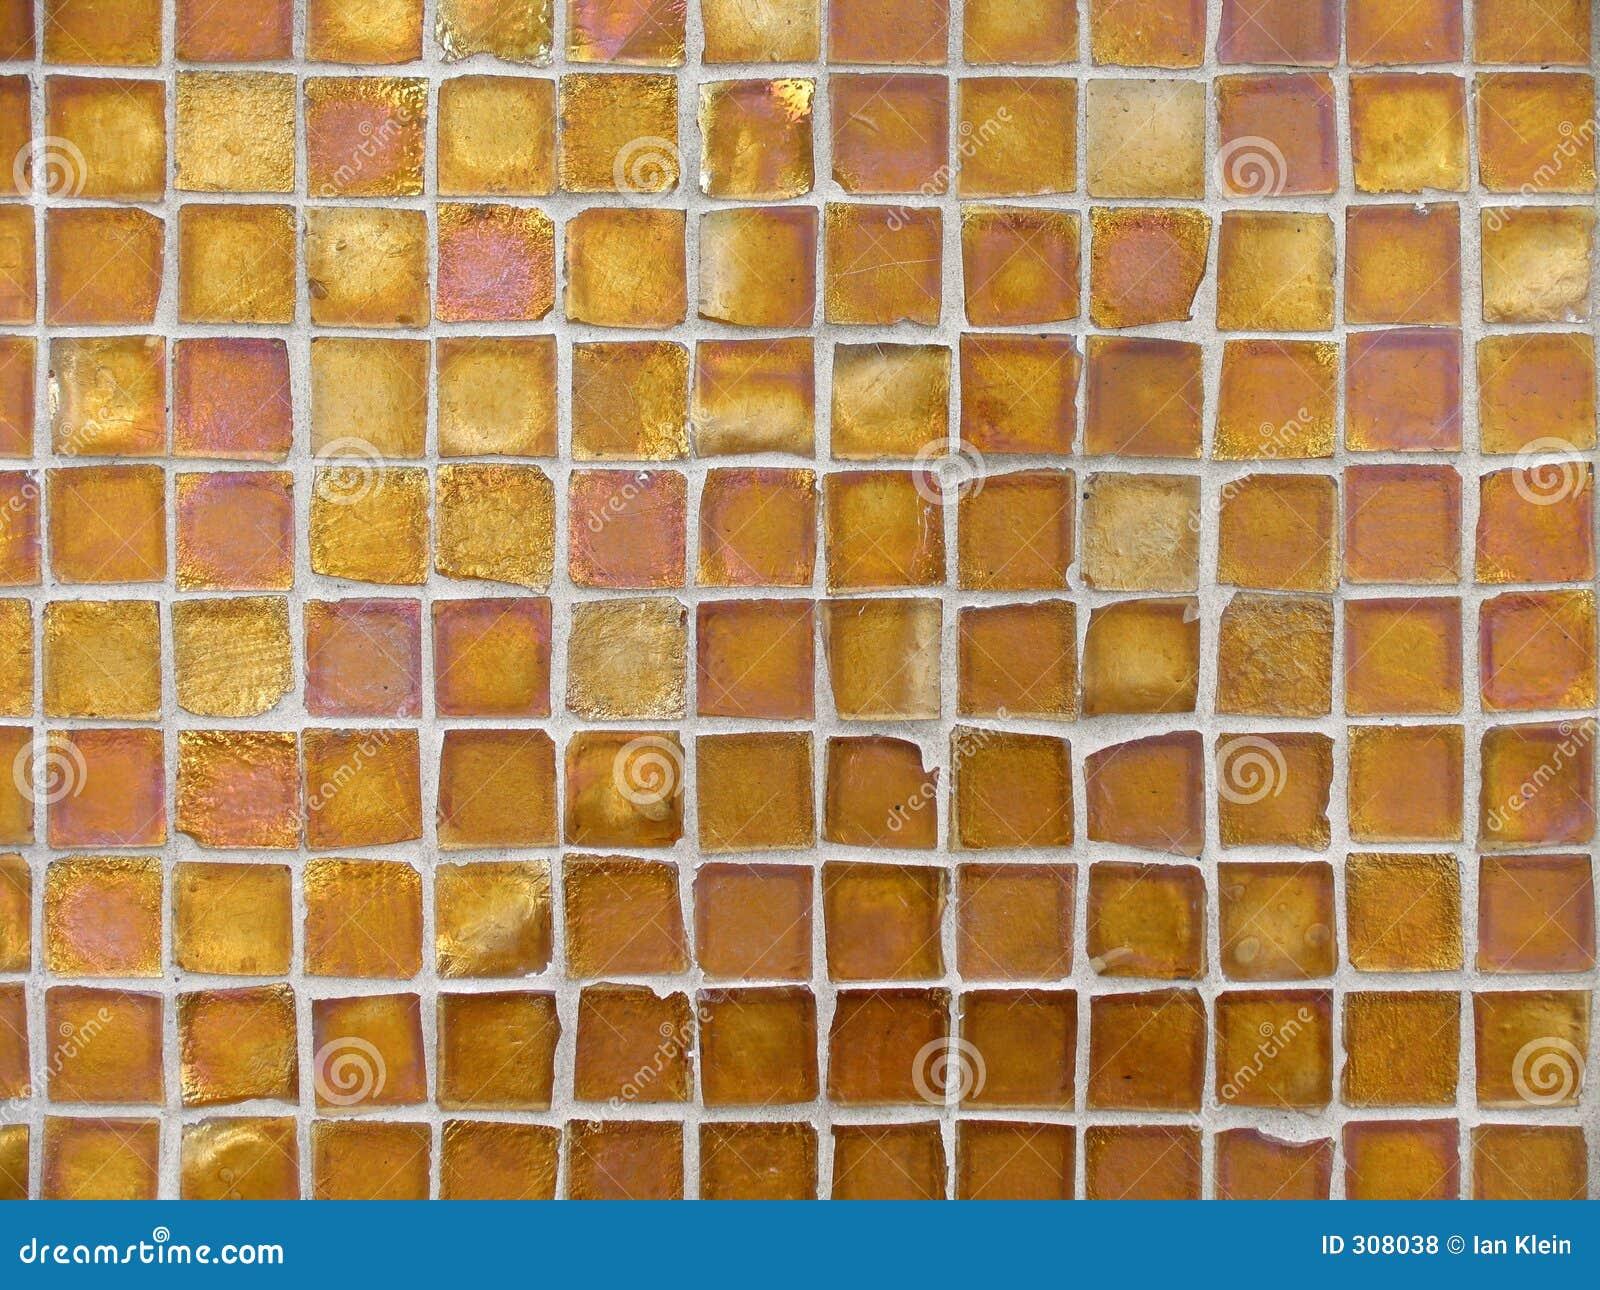 hintergrund muster der orangen und kupfer glas fliesen lizenzfreie stockfotos bild 308038. Black Bedroom Furniture Sets. Home Design Ideas